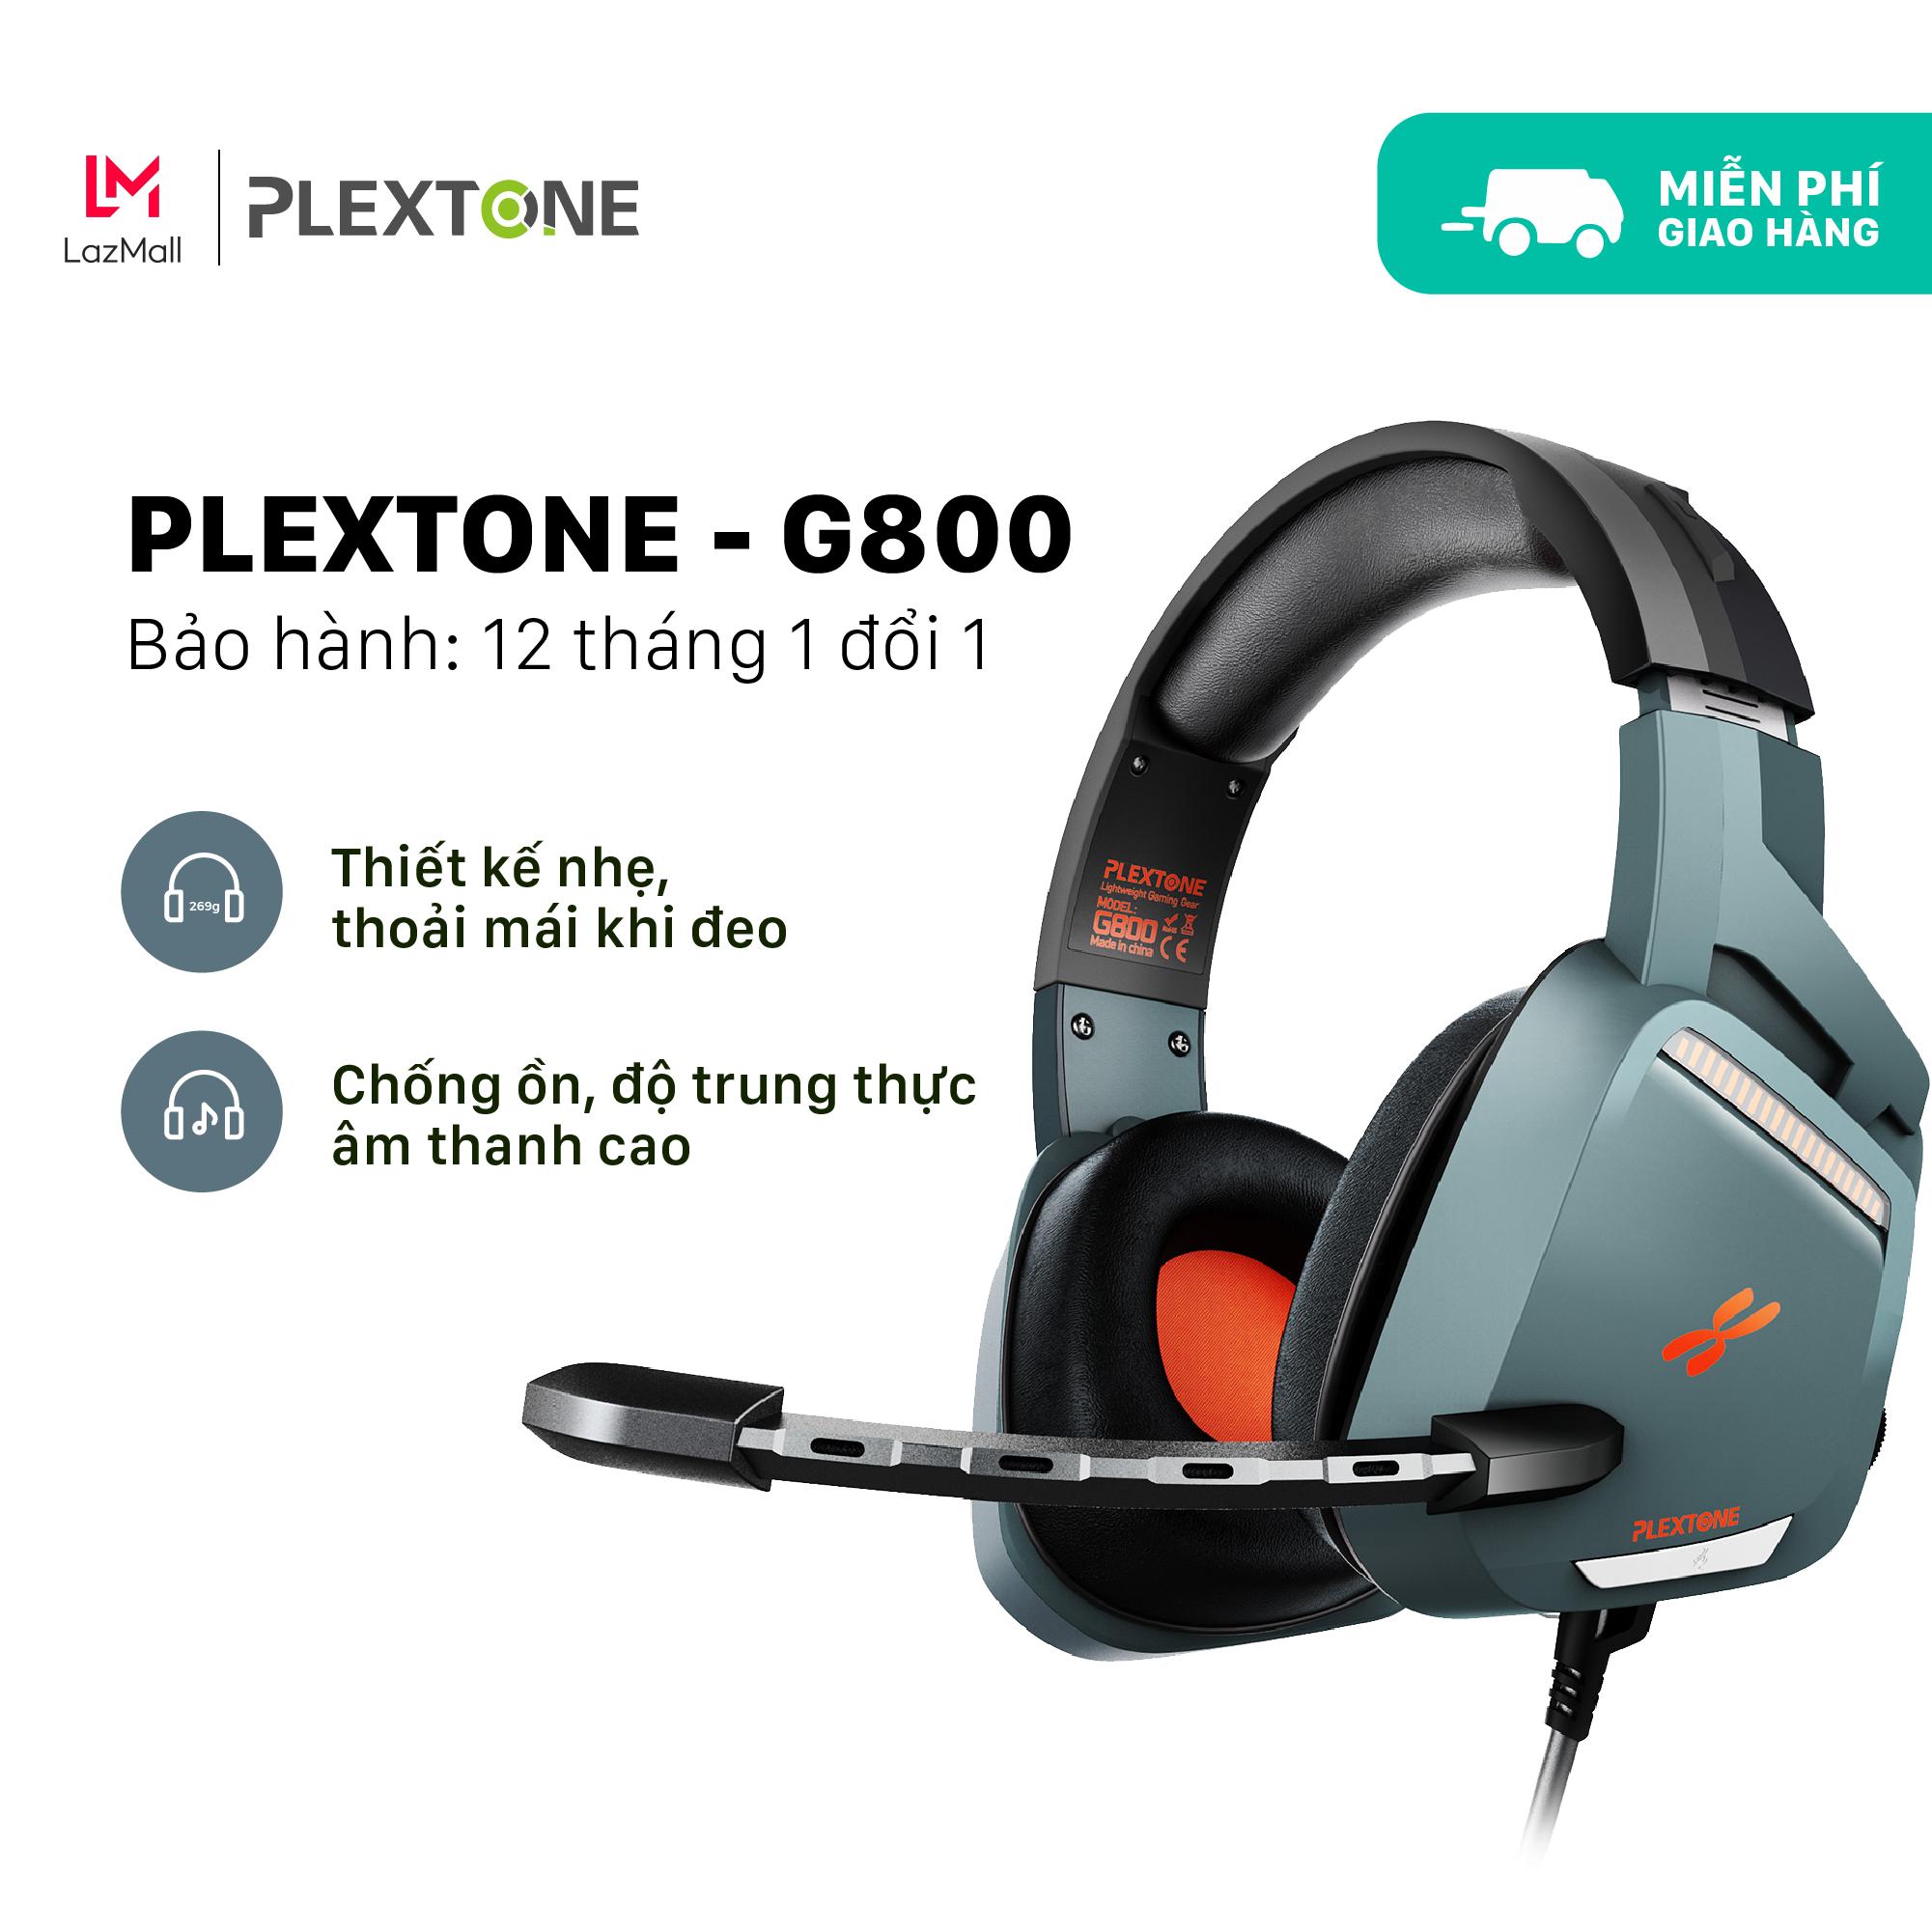 Tai nghe chụp tai gaming dành cho game thủ chuyên nghiệp Plextone G800 thiết kế over ear giúp chống ồn dây dù chống rối kèm mic dùng cho điện thoại laptop pc máy tính dùng jack 3.5mm tặng túi đựng handmade. - Giới hạn 2 sản phẩm/khách hàng